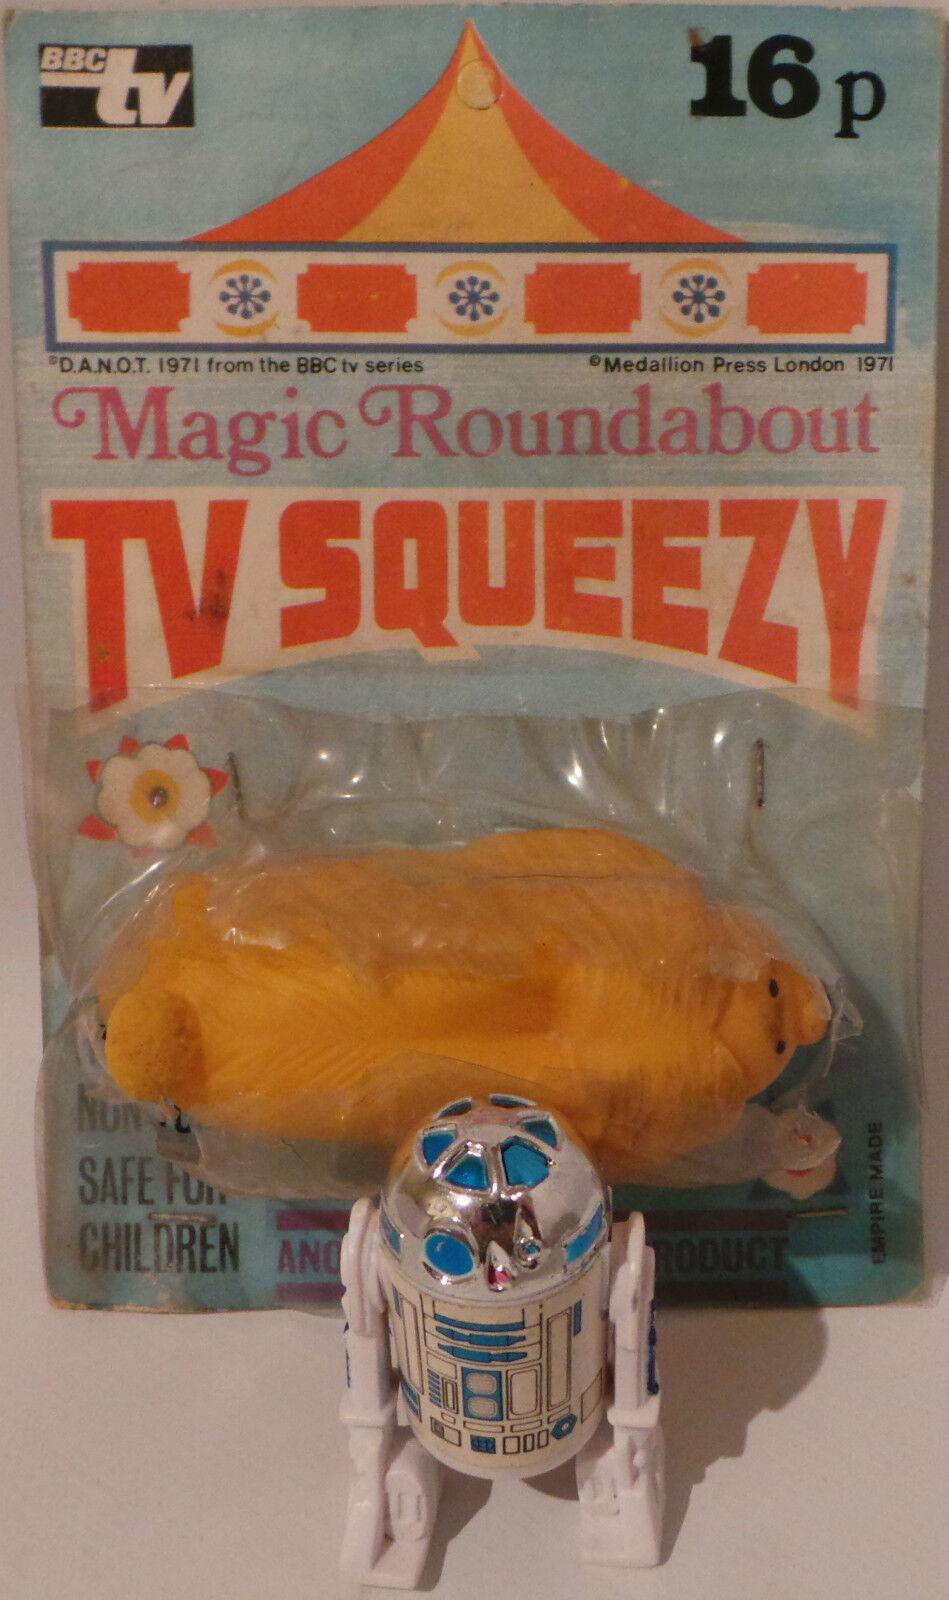 Noël est plein de de de joie Le Magic Roundabout: vintage Douglas TV Squeezy cardées figure. (mlfp) 7beae5